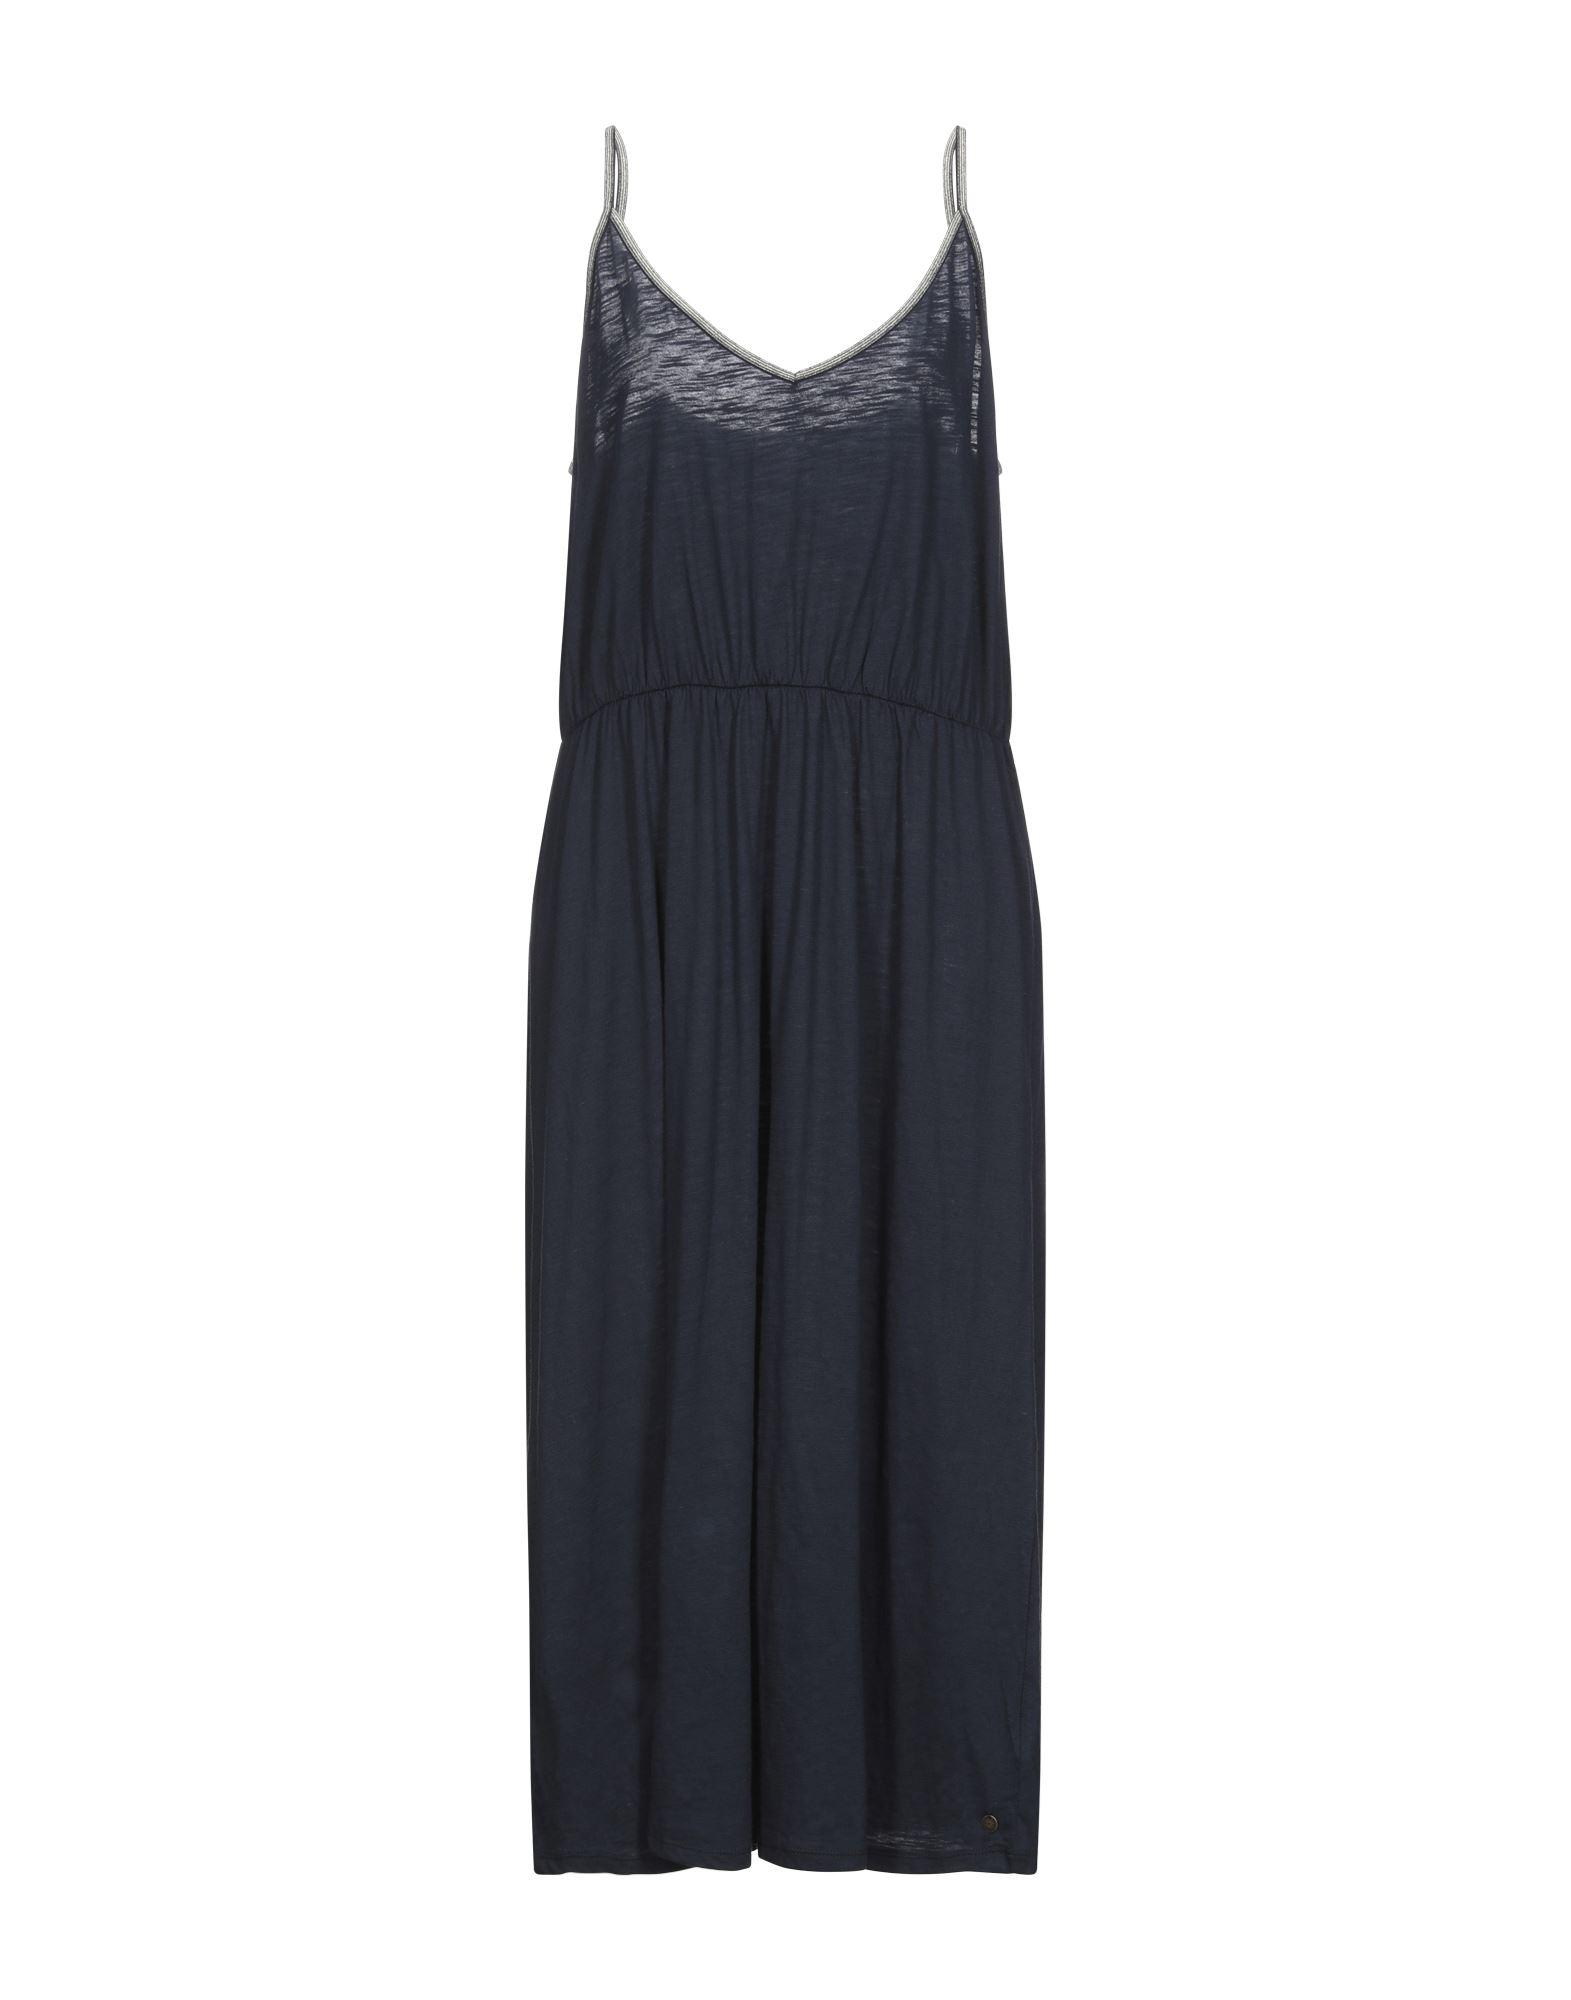 GARCIA Платье длиной 3/4 isabel garcia платье длиной 3 4